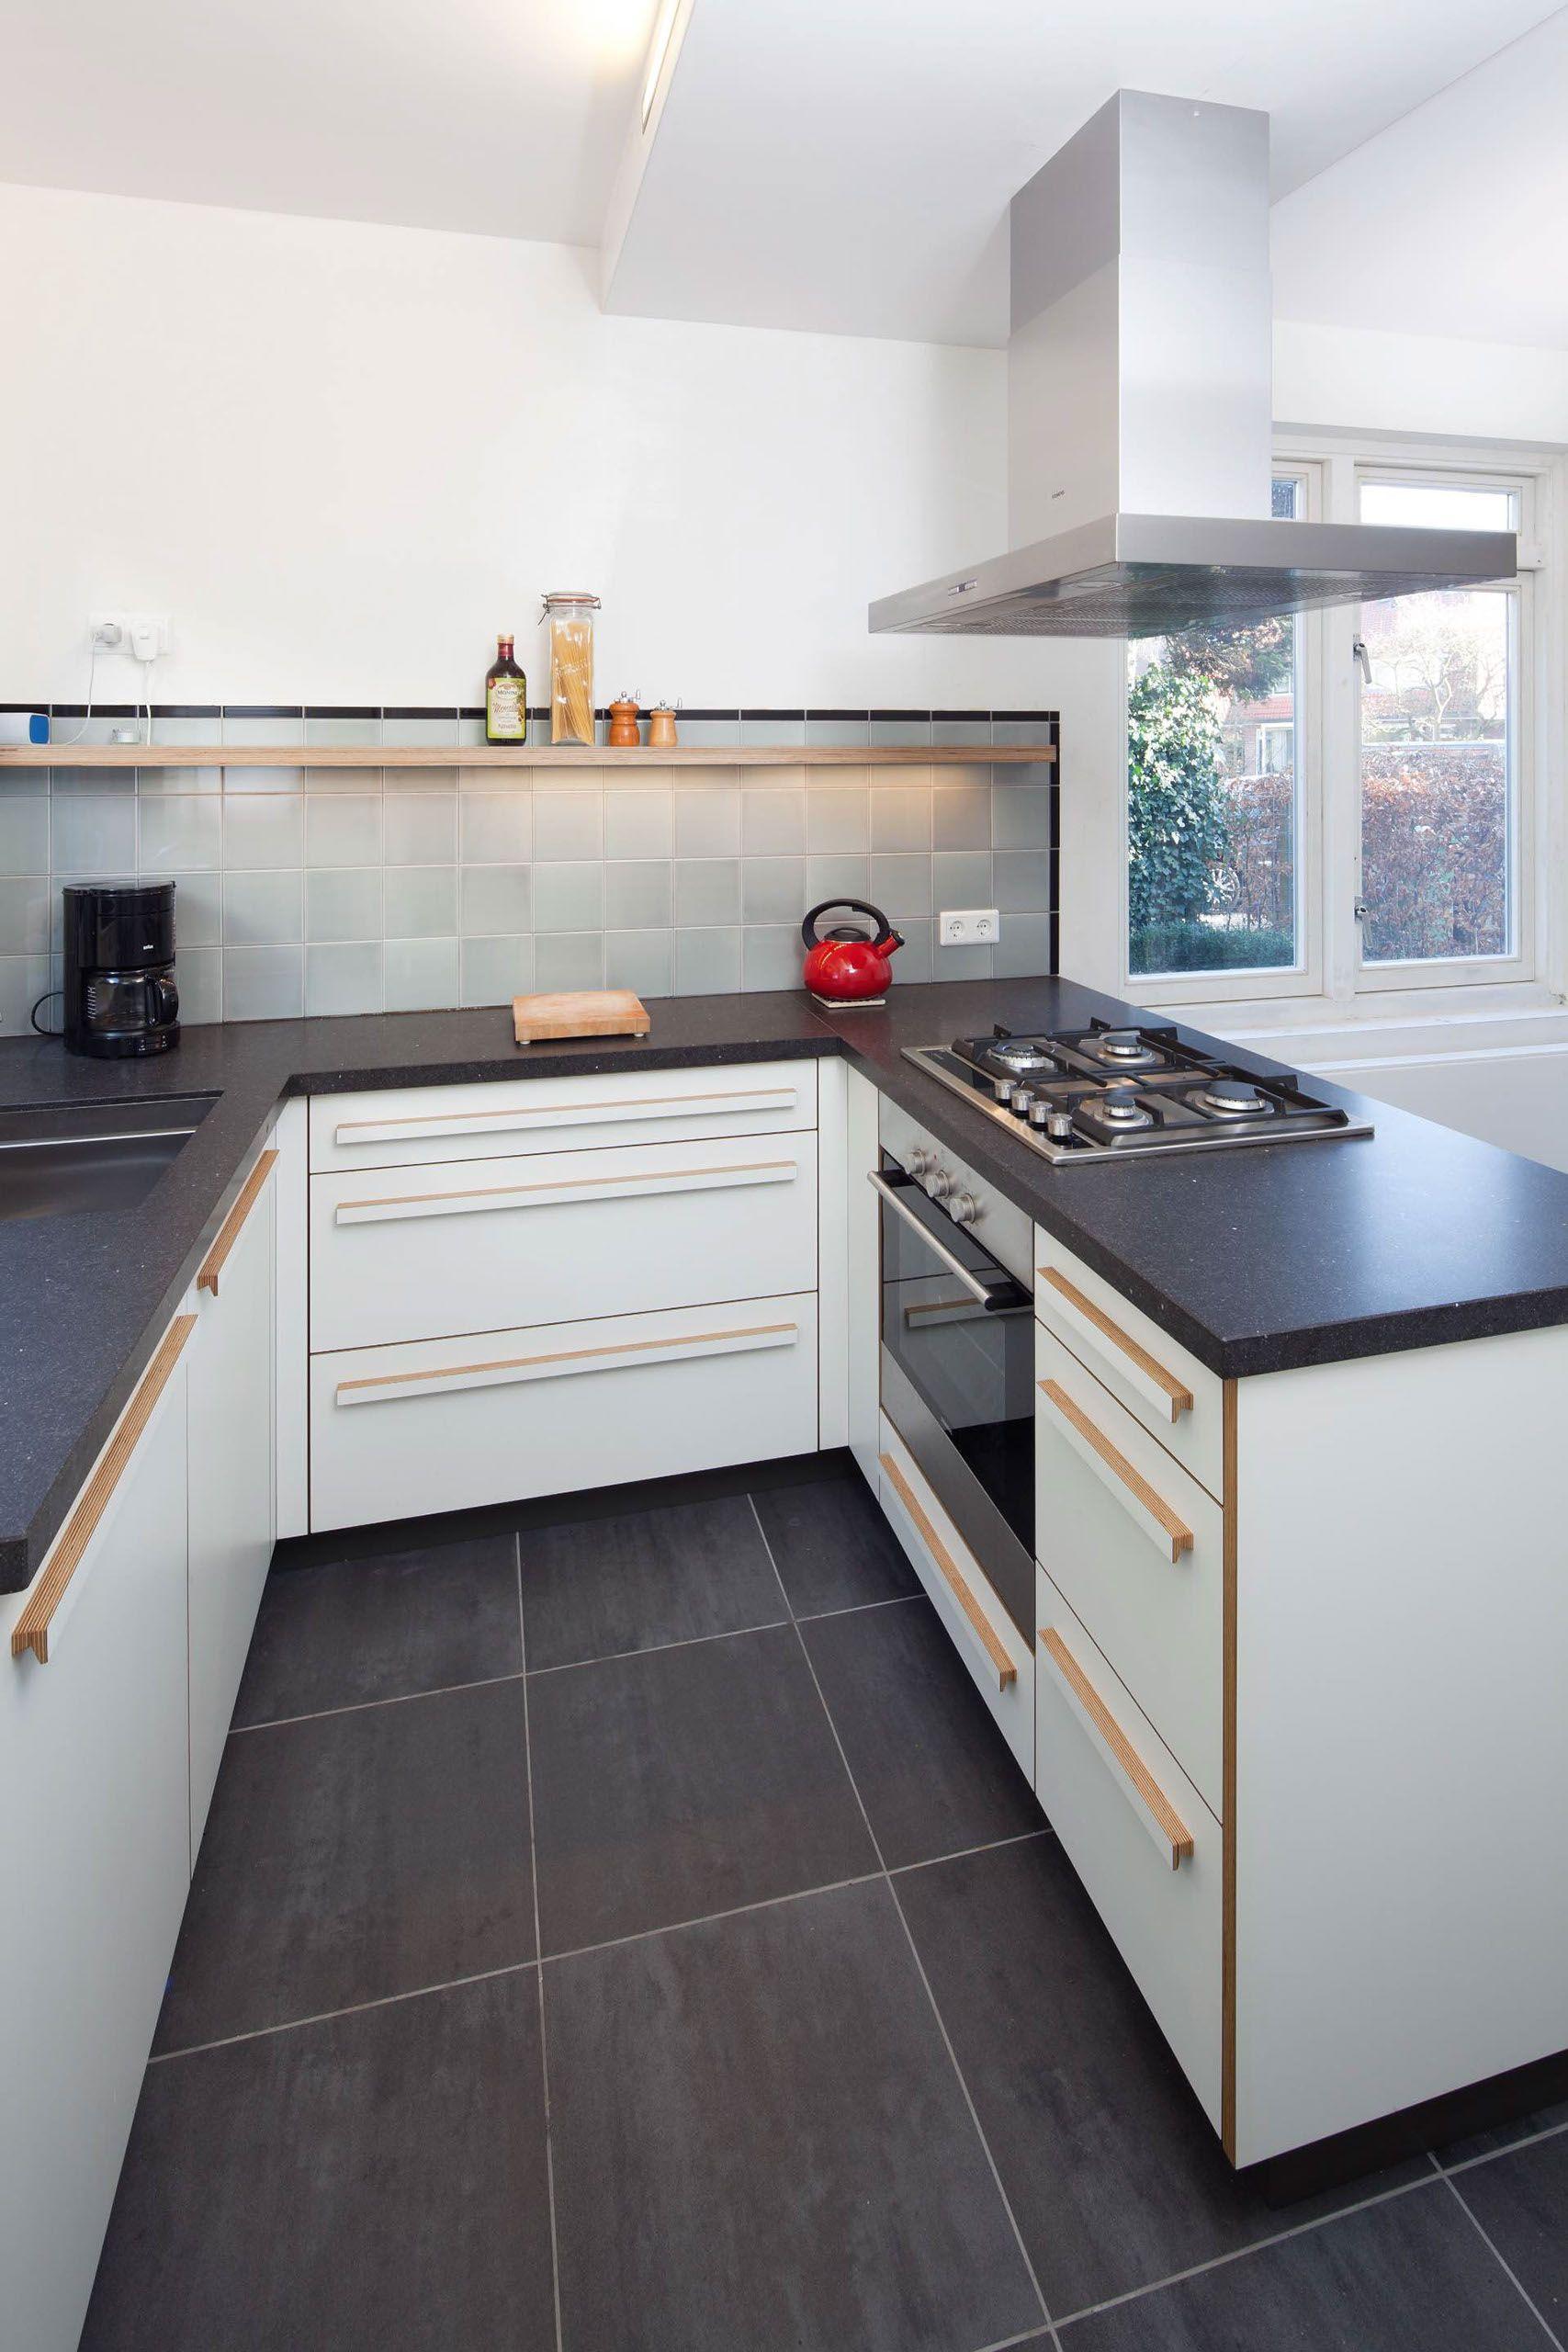 Keukenwerkplaats keukens meubelmaker in utrecht voor uw for Keukenkast ontwerpen